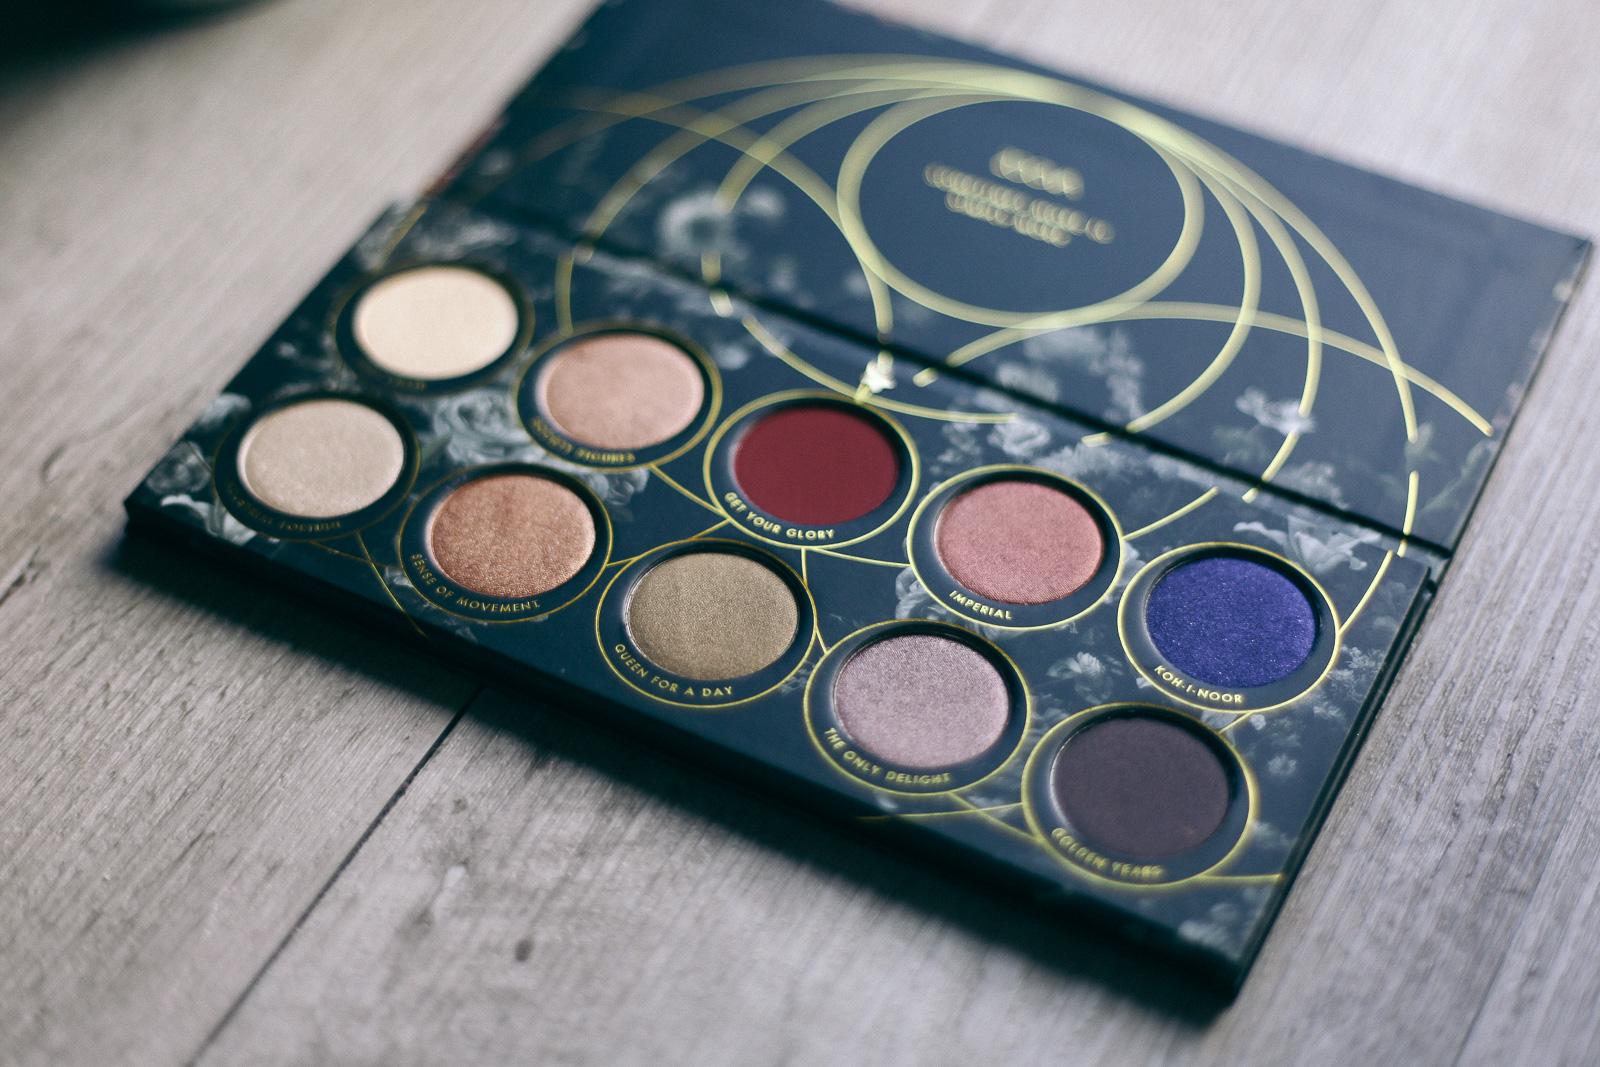 Zoeva Palette Opulence 35mminstyle